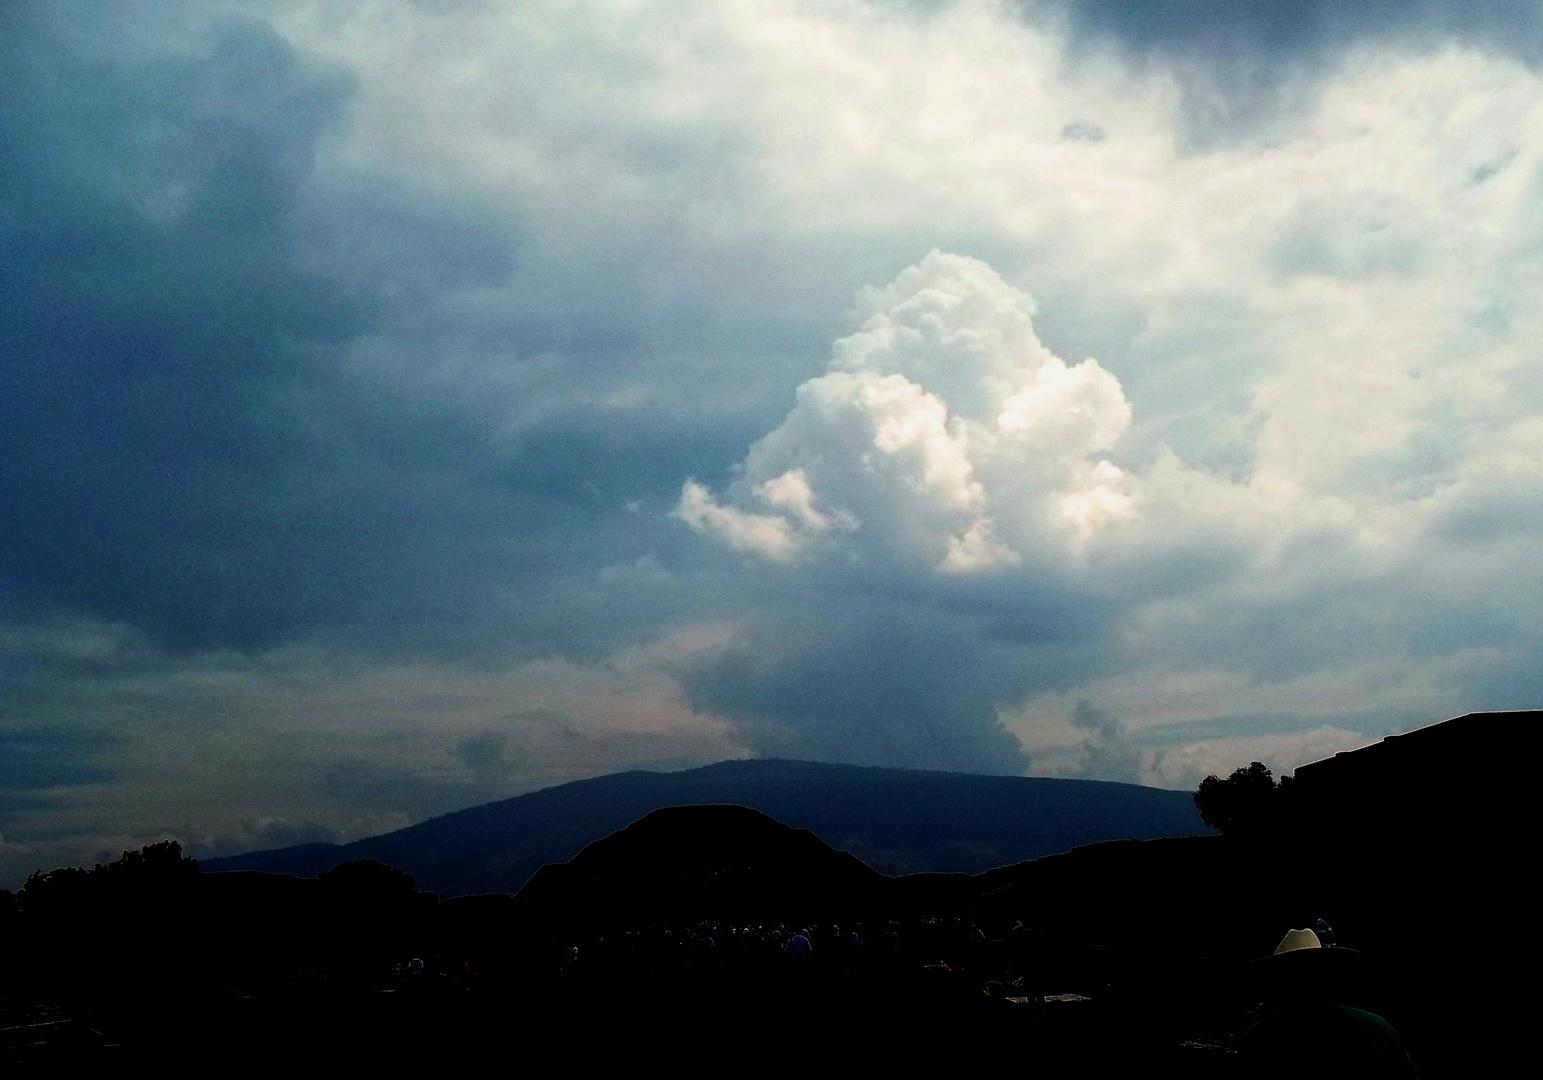 Vistas de tormentas y todo cielo